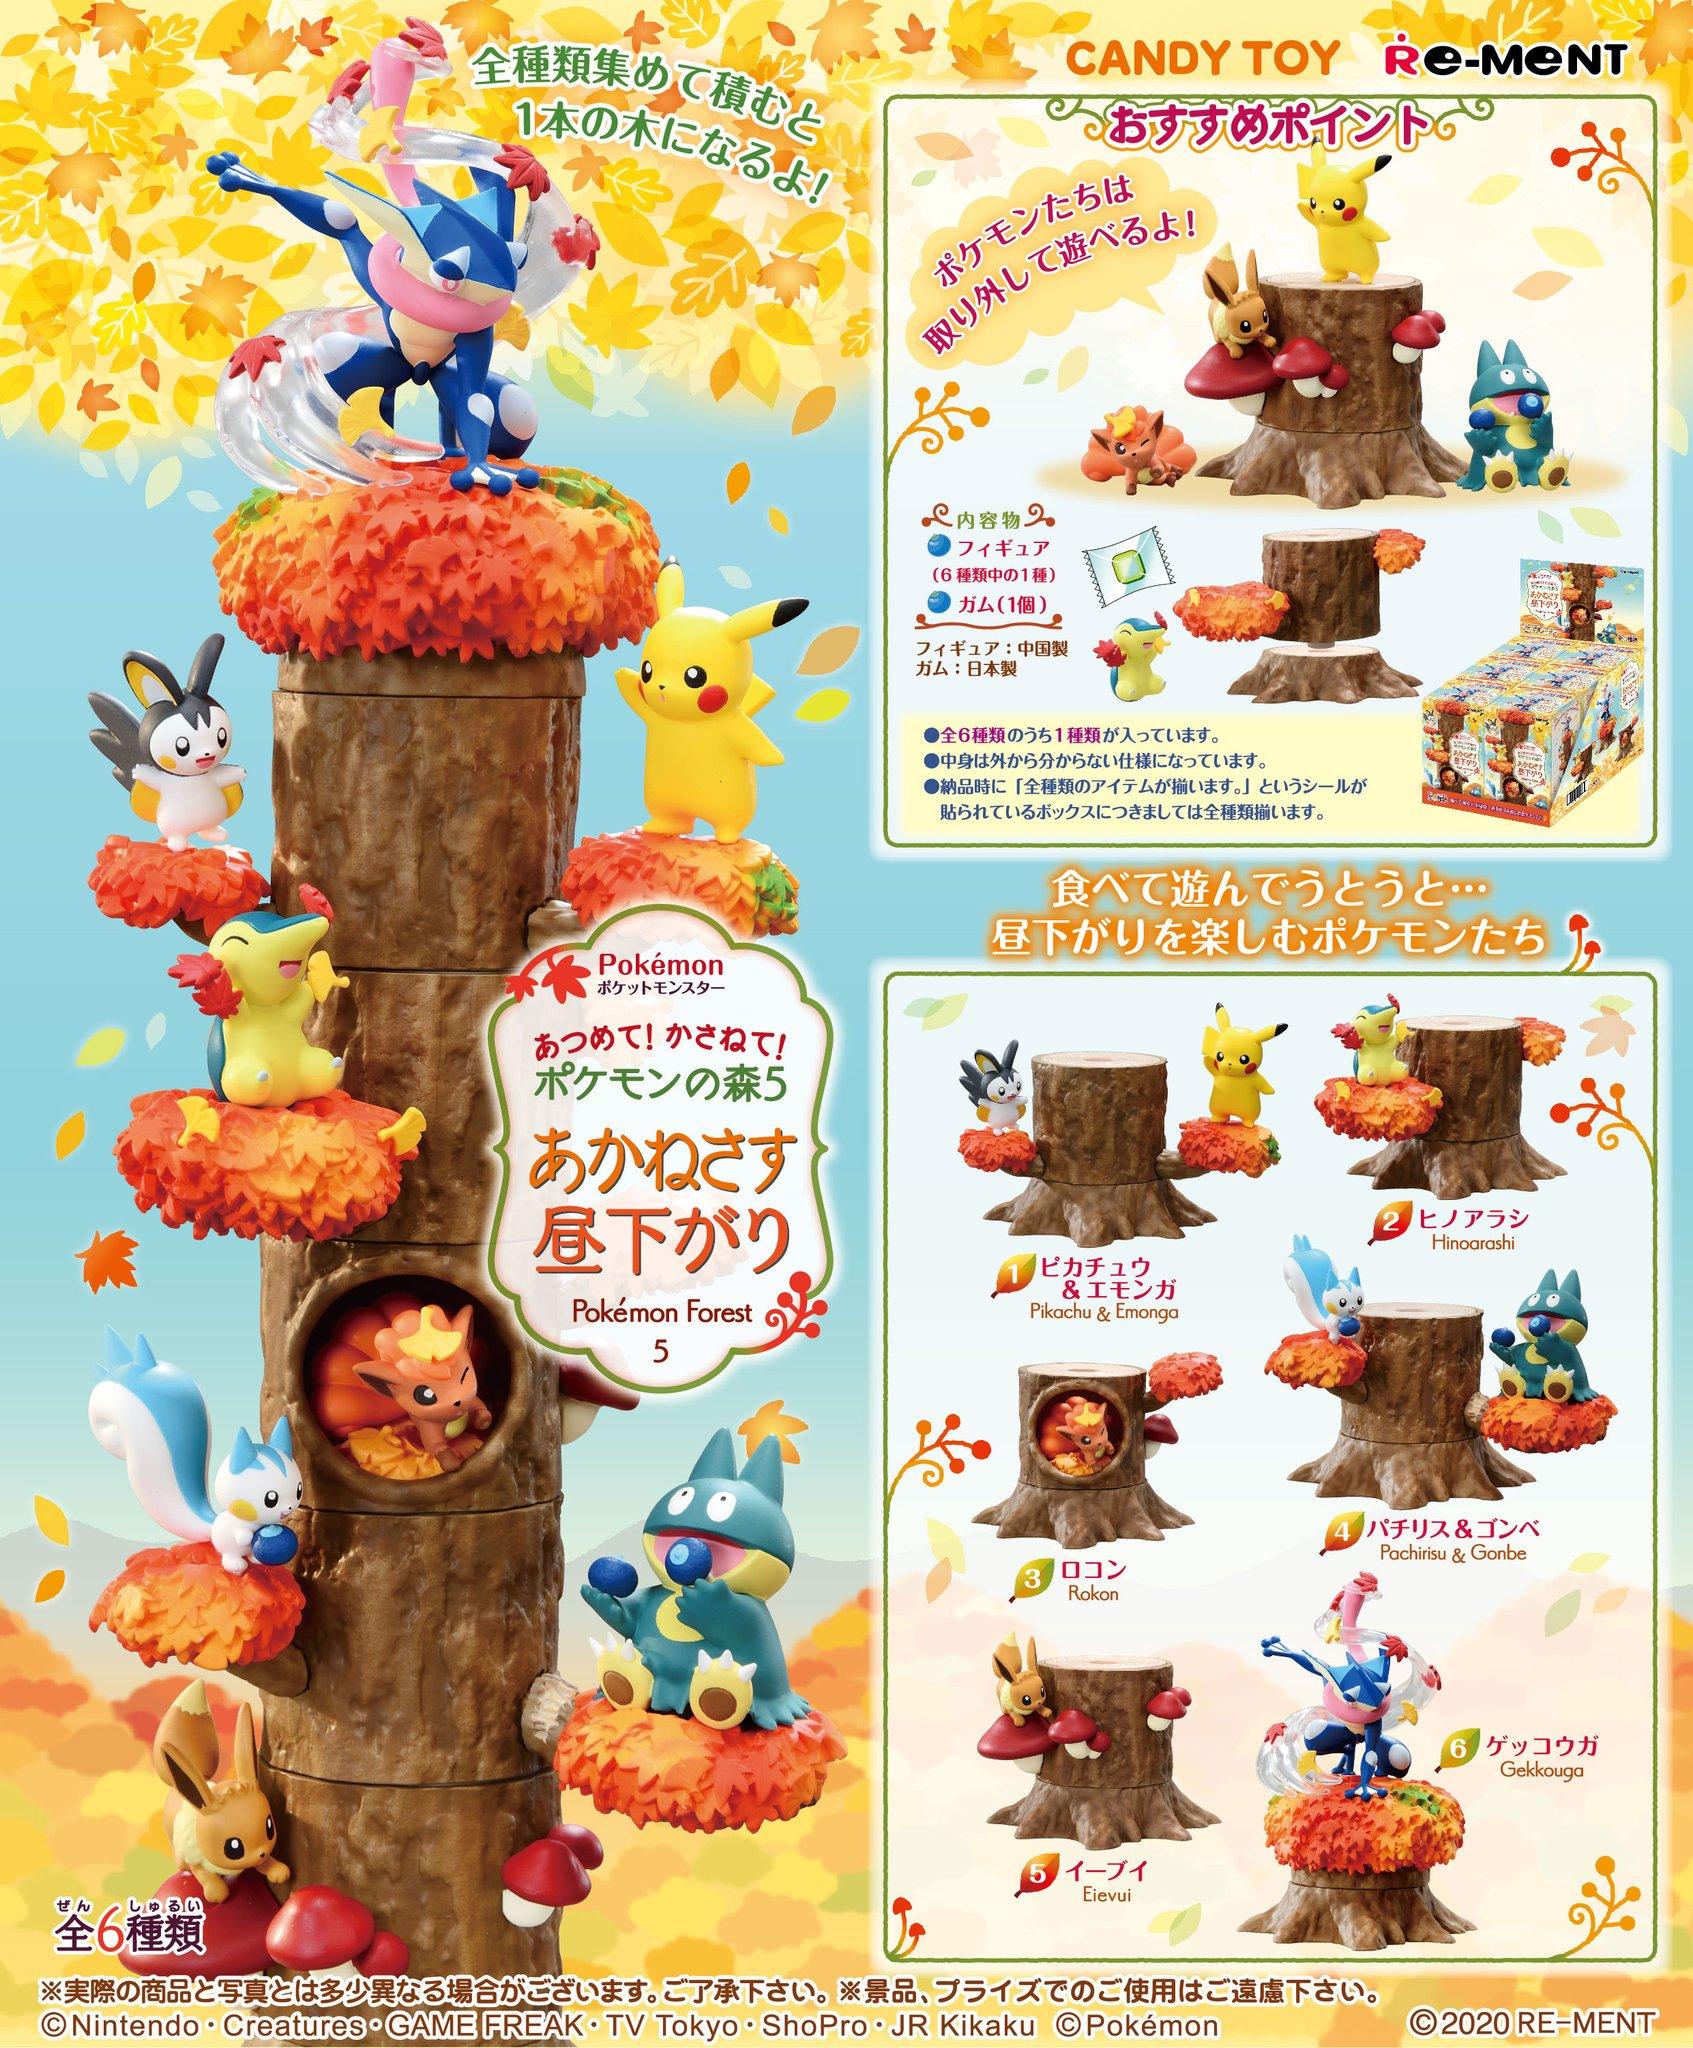 """フィギュア「ポケモンの森」シリーズ第5弾は""""紅葉美しい森""""がテーマ!集めて重ねれば1本の紅葉の木が完成"""